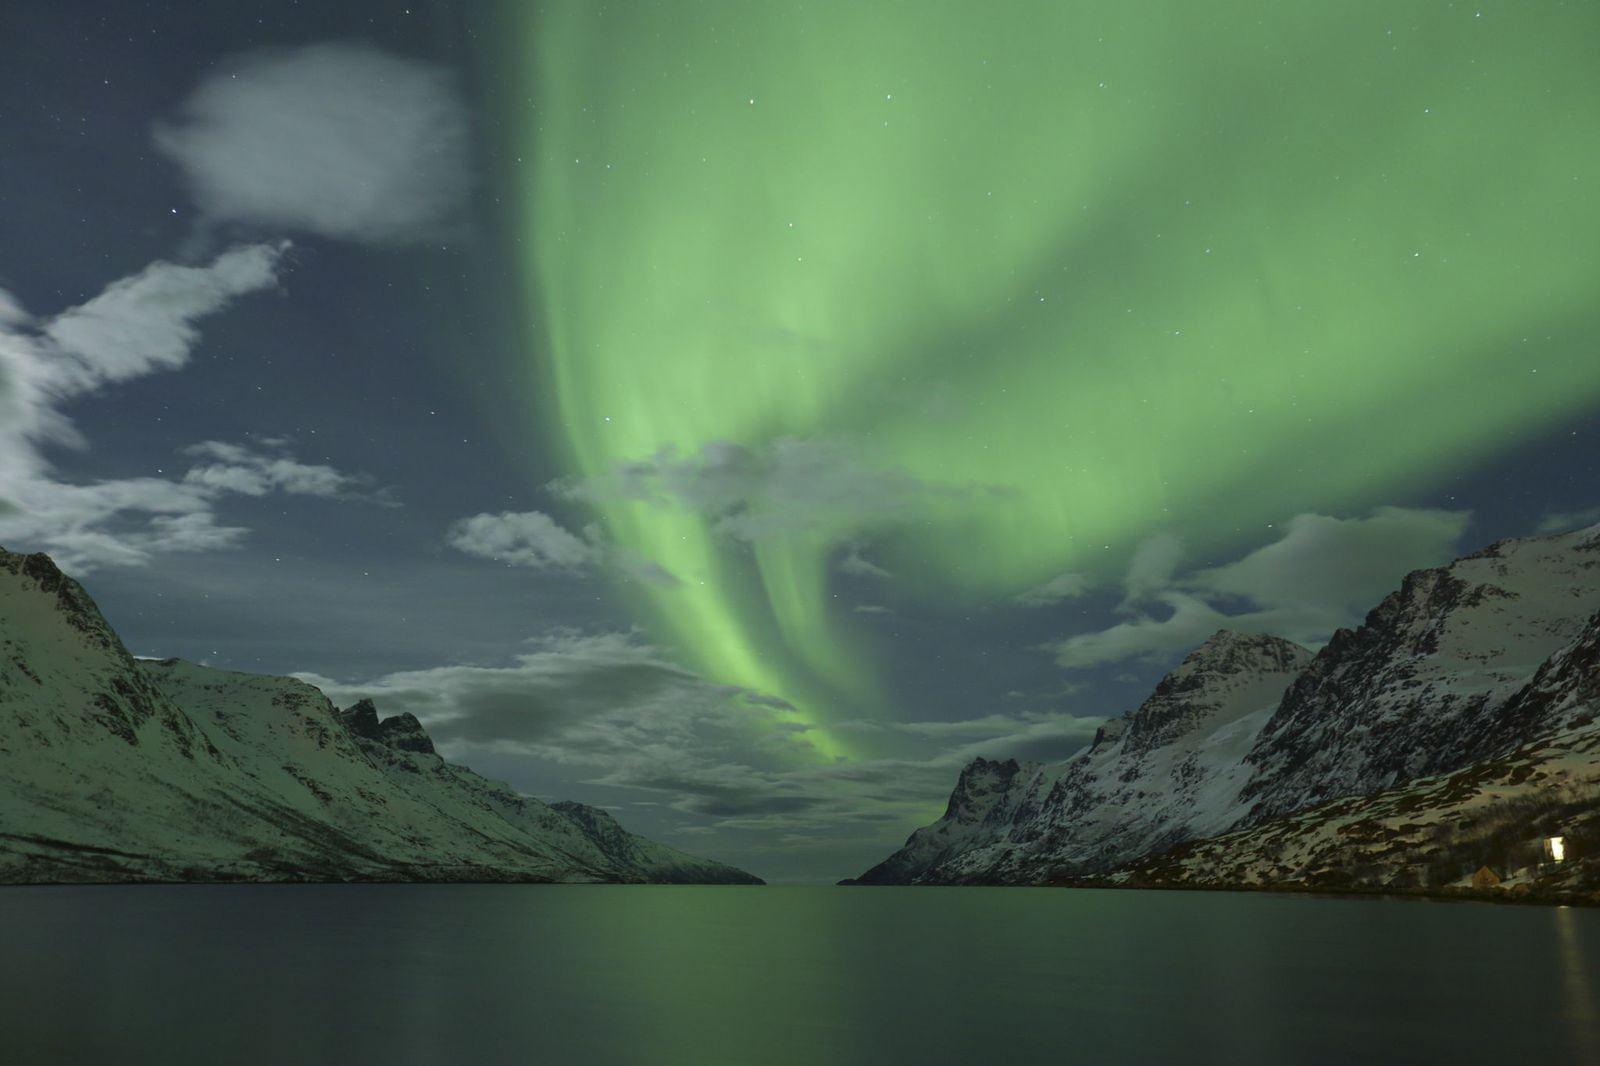 Nordlys over Ersfjorden - The Green Adventure